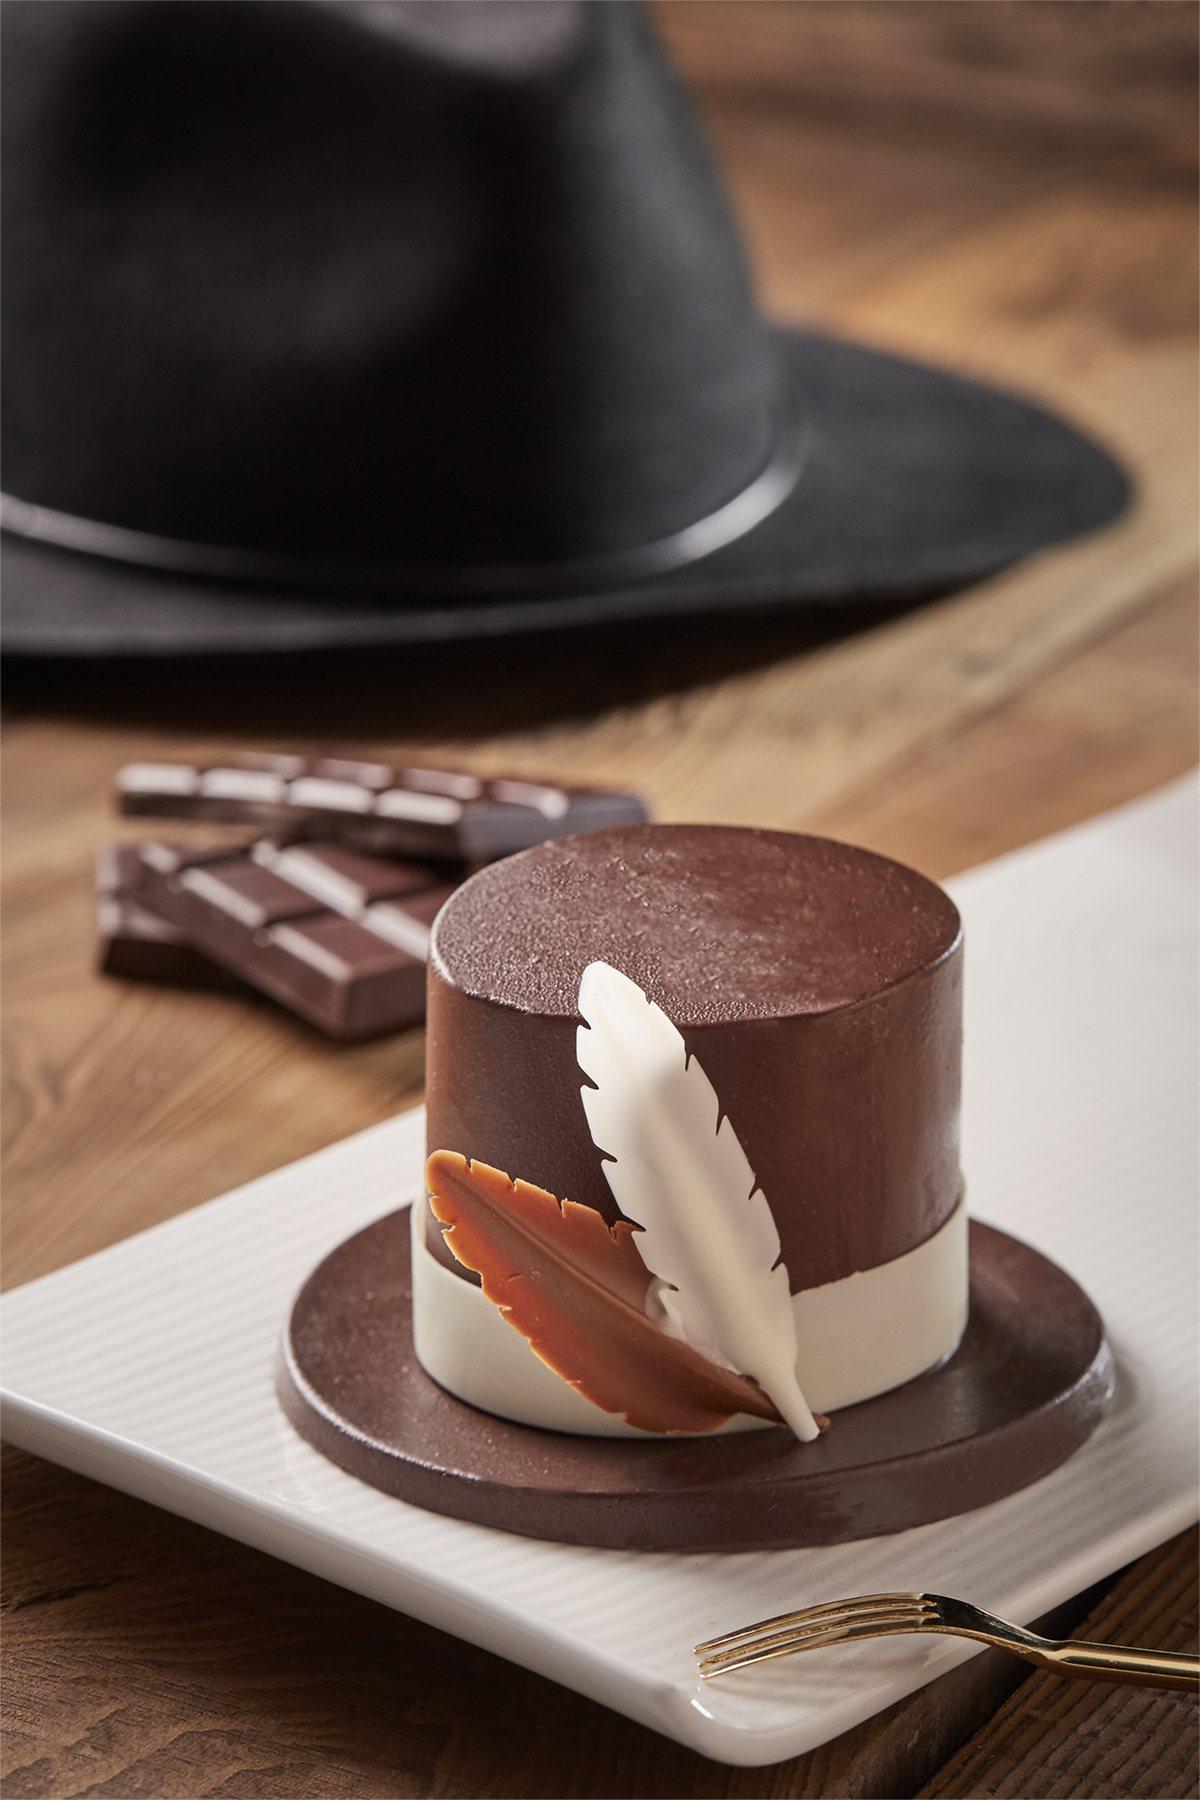 地獄使者戴上黑帽就能執行任務,The Deli烘焙坊以此發想,製作成限定甜點使者...